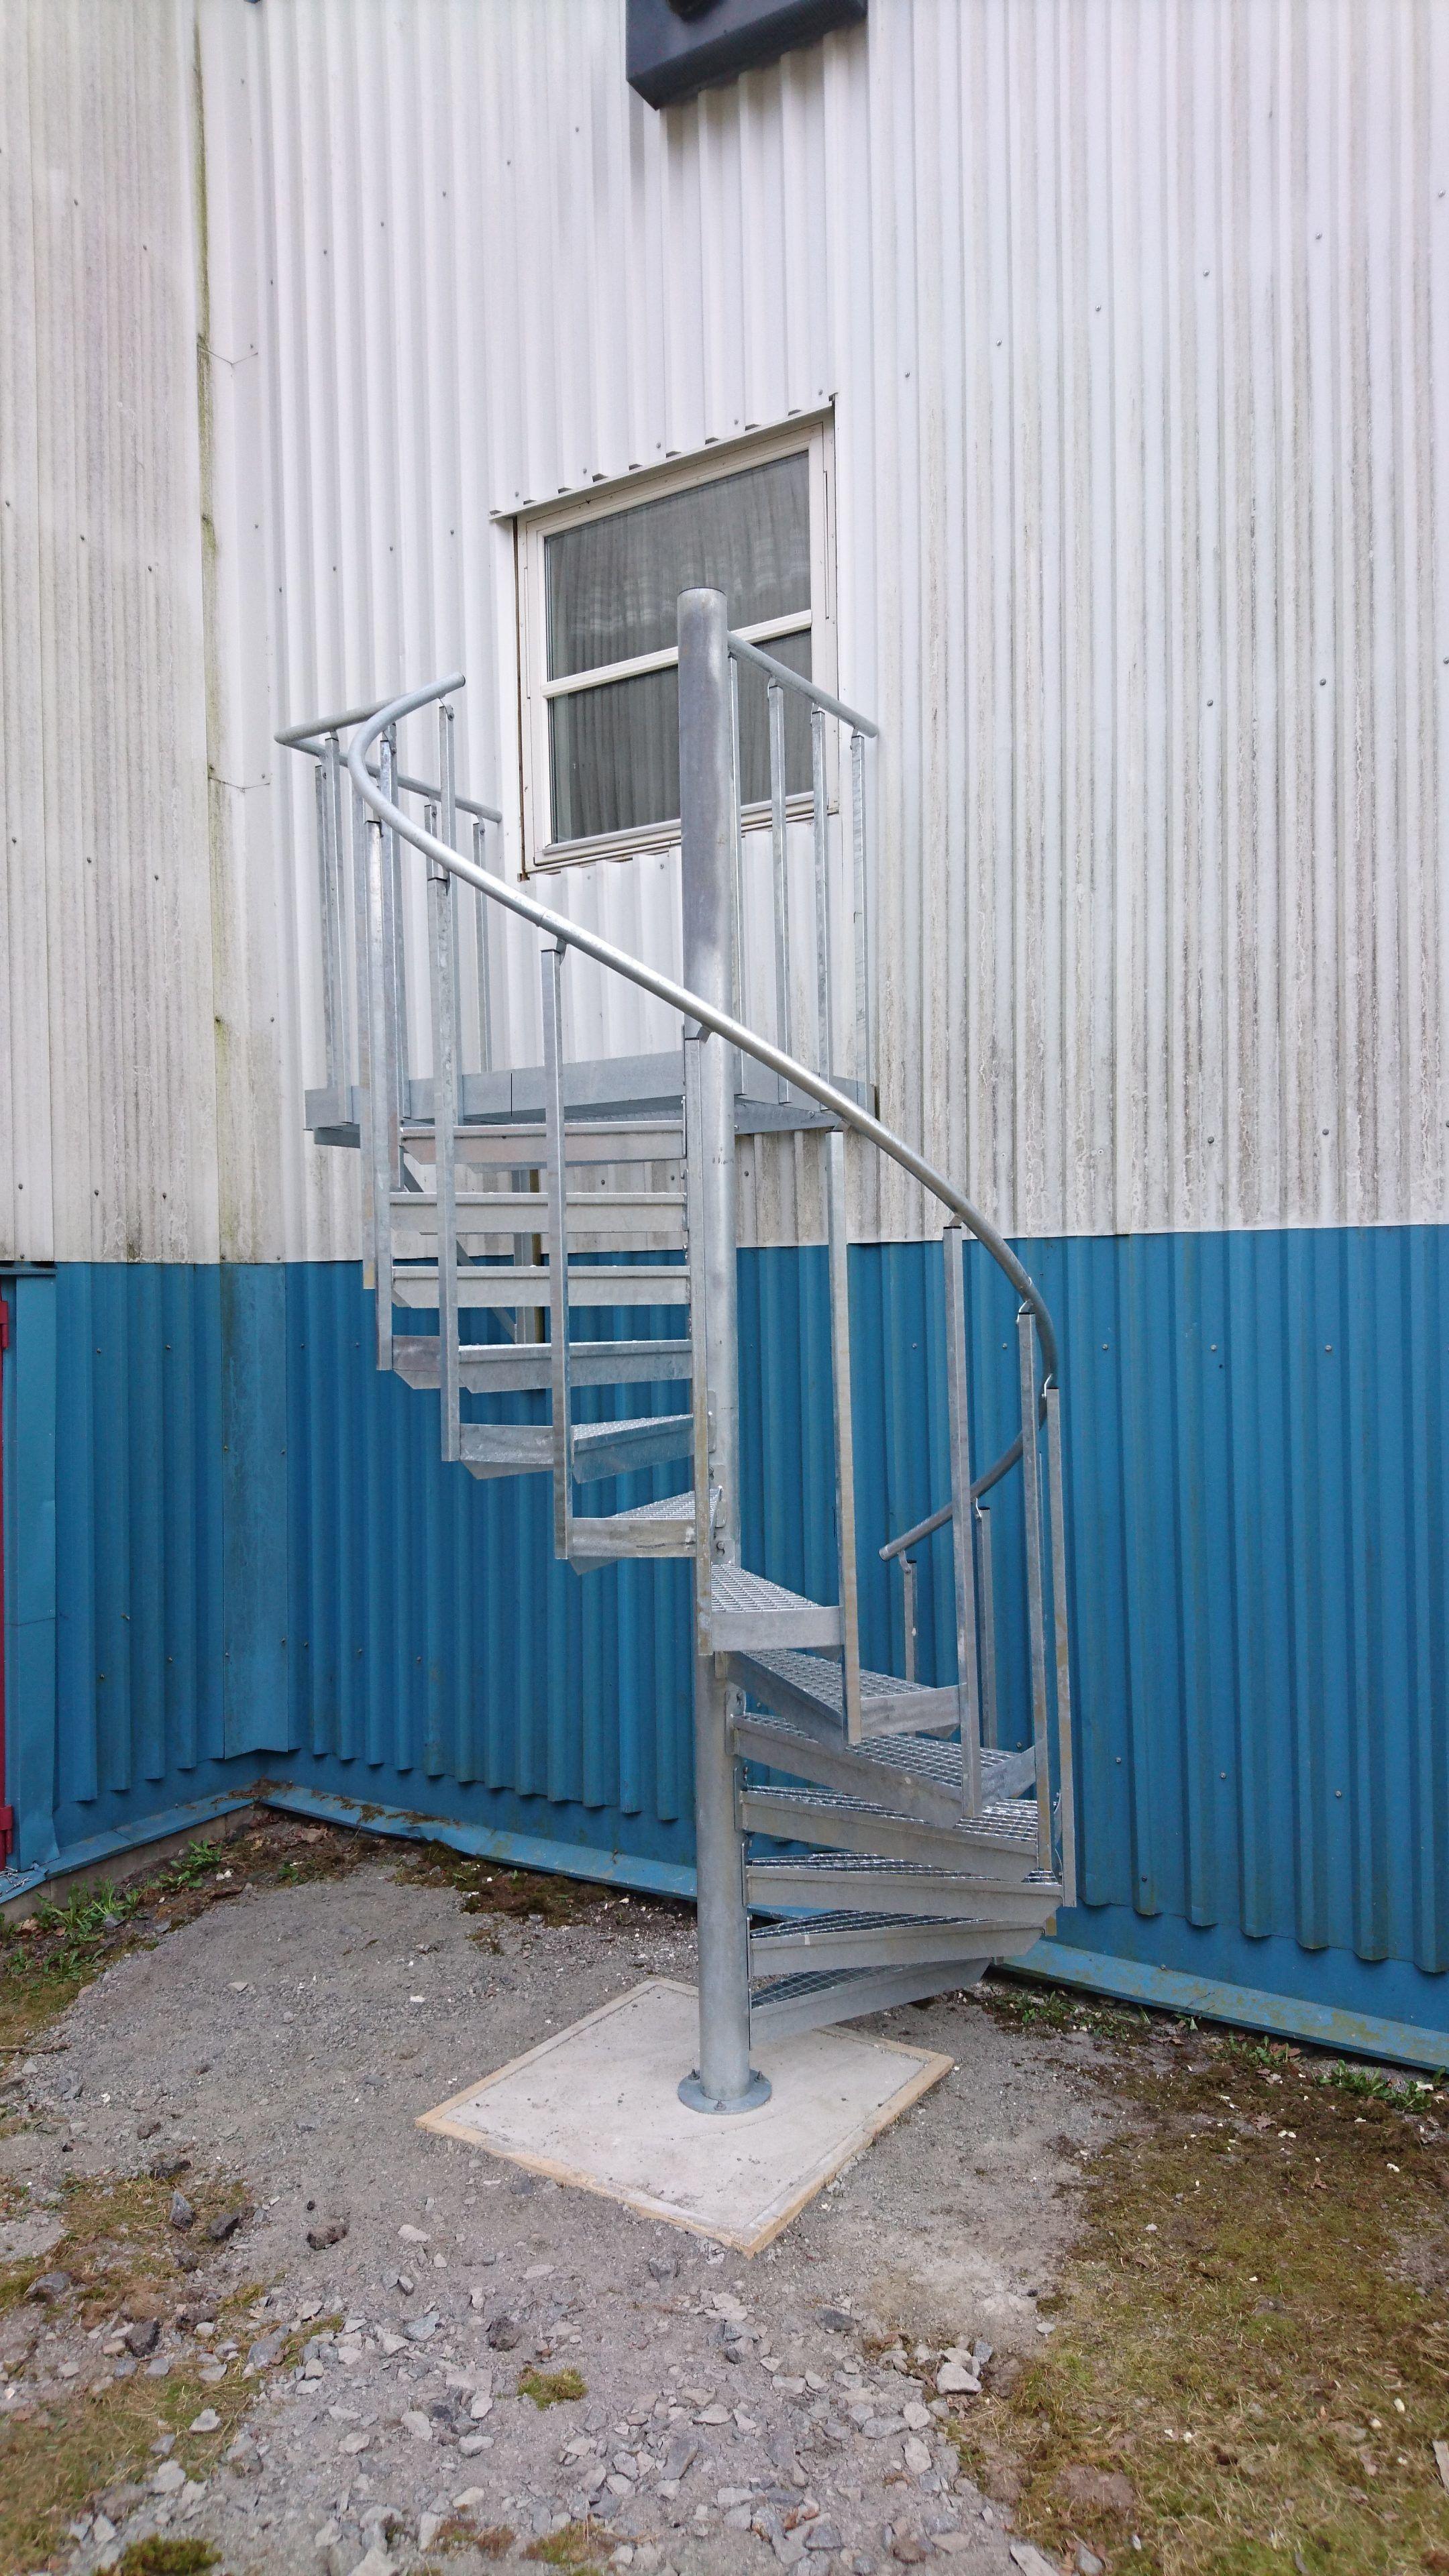 Bygg anpassad Utrymningstrappa för säkerhetsändamål | Trappspecialisterna